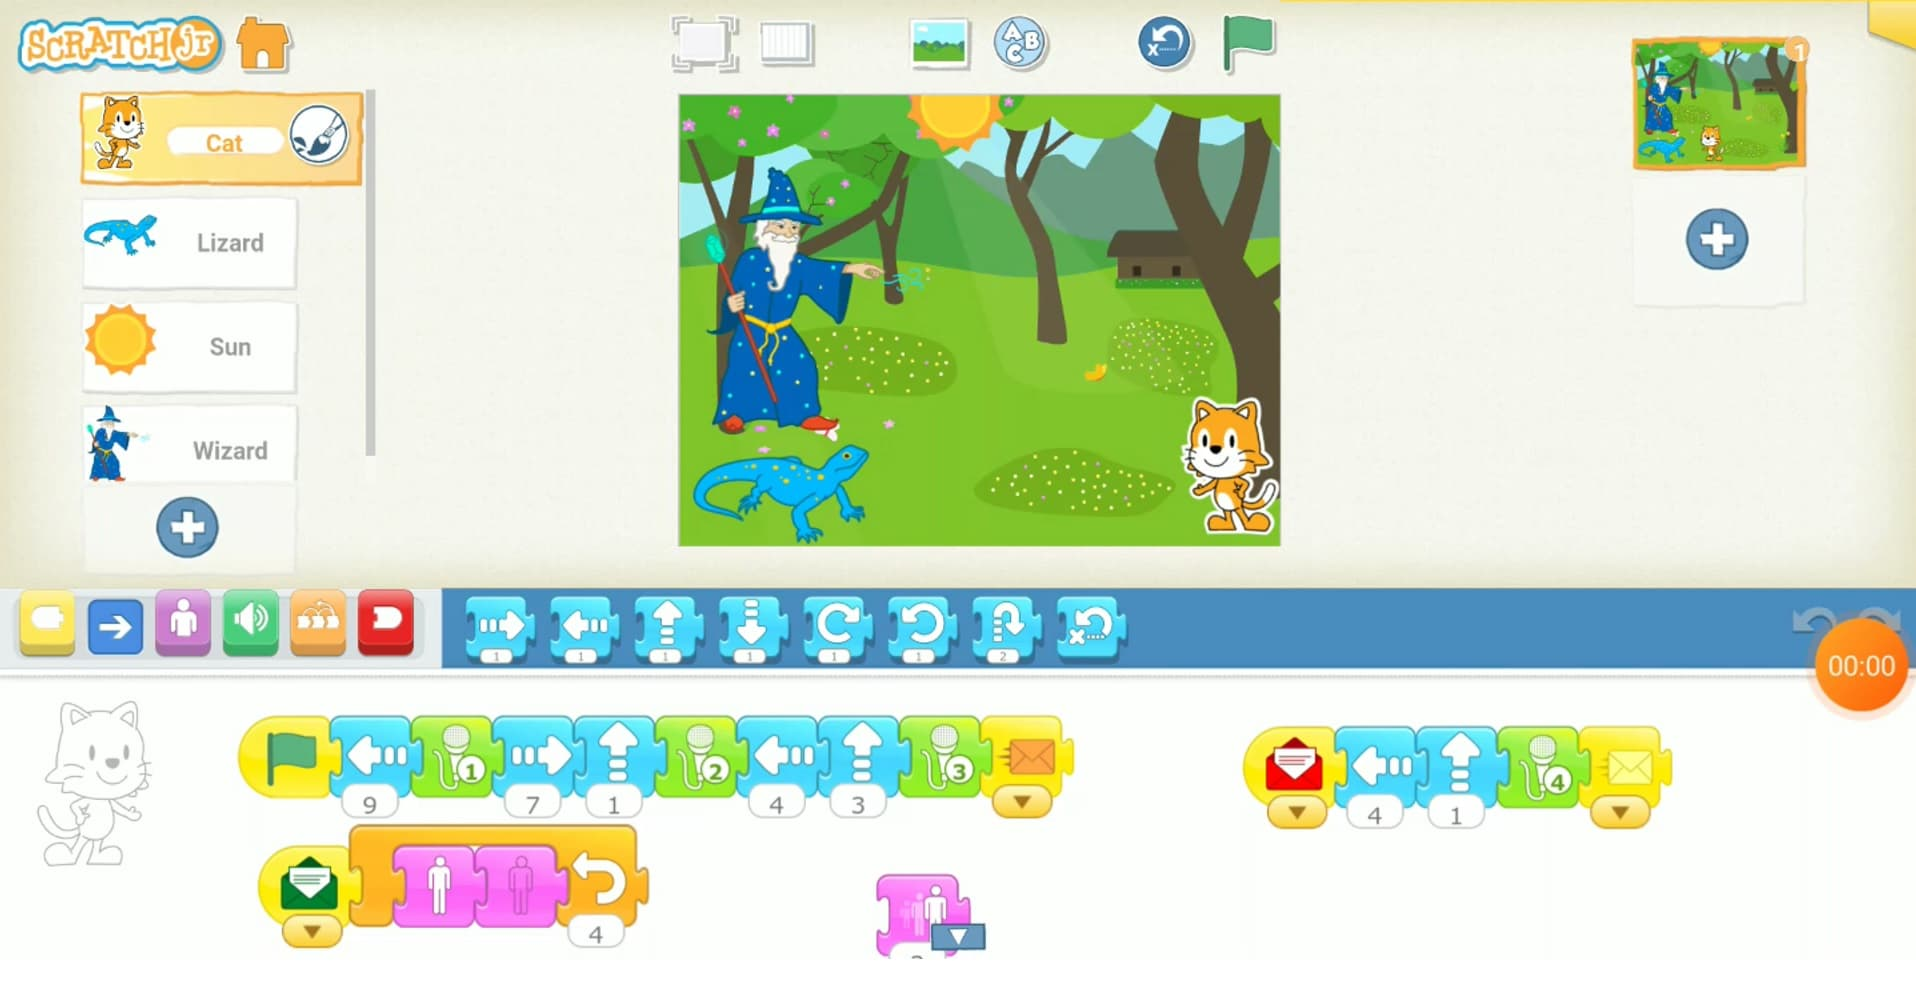 برنامهنویسی و ساخت انیمیشن با برنامه اسکرچ جونیور (ScratchJr): گربه غرغرو